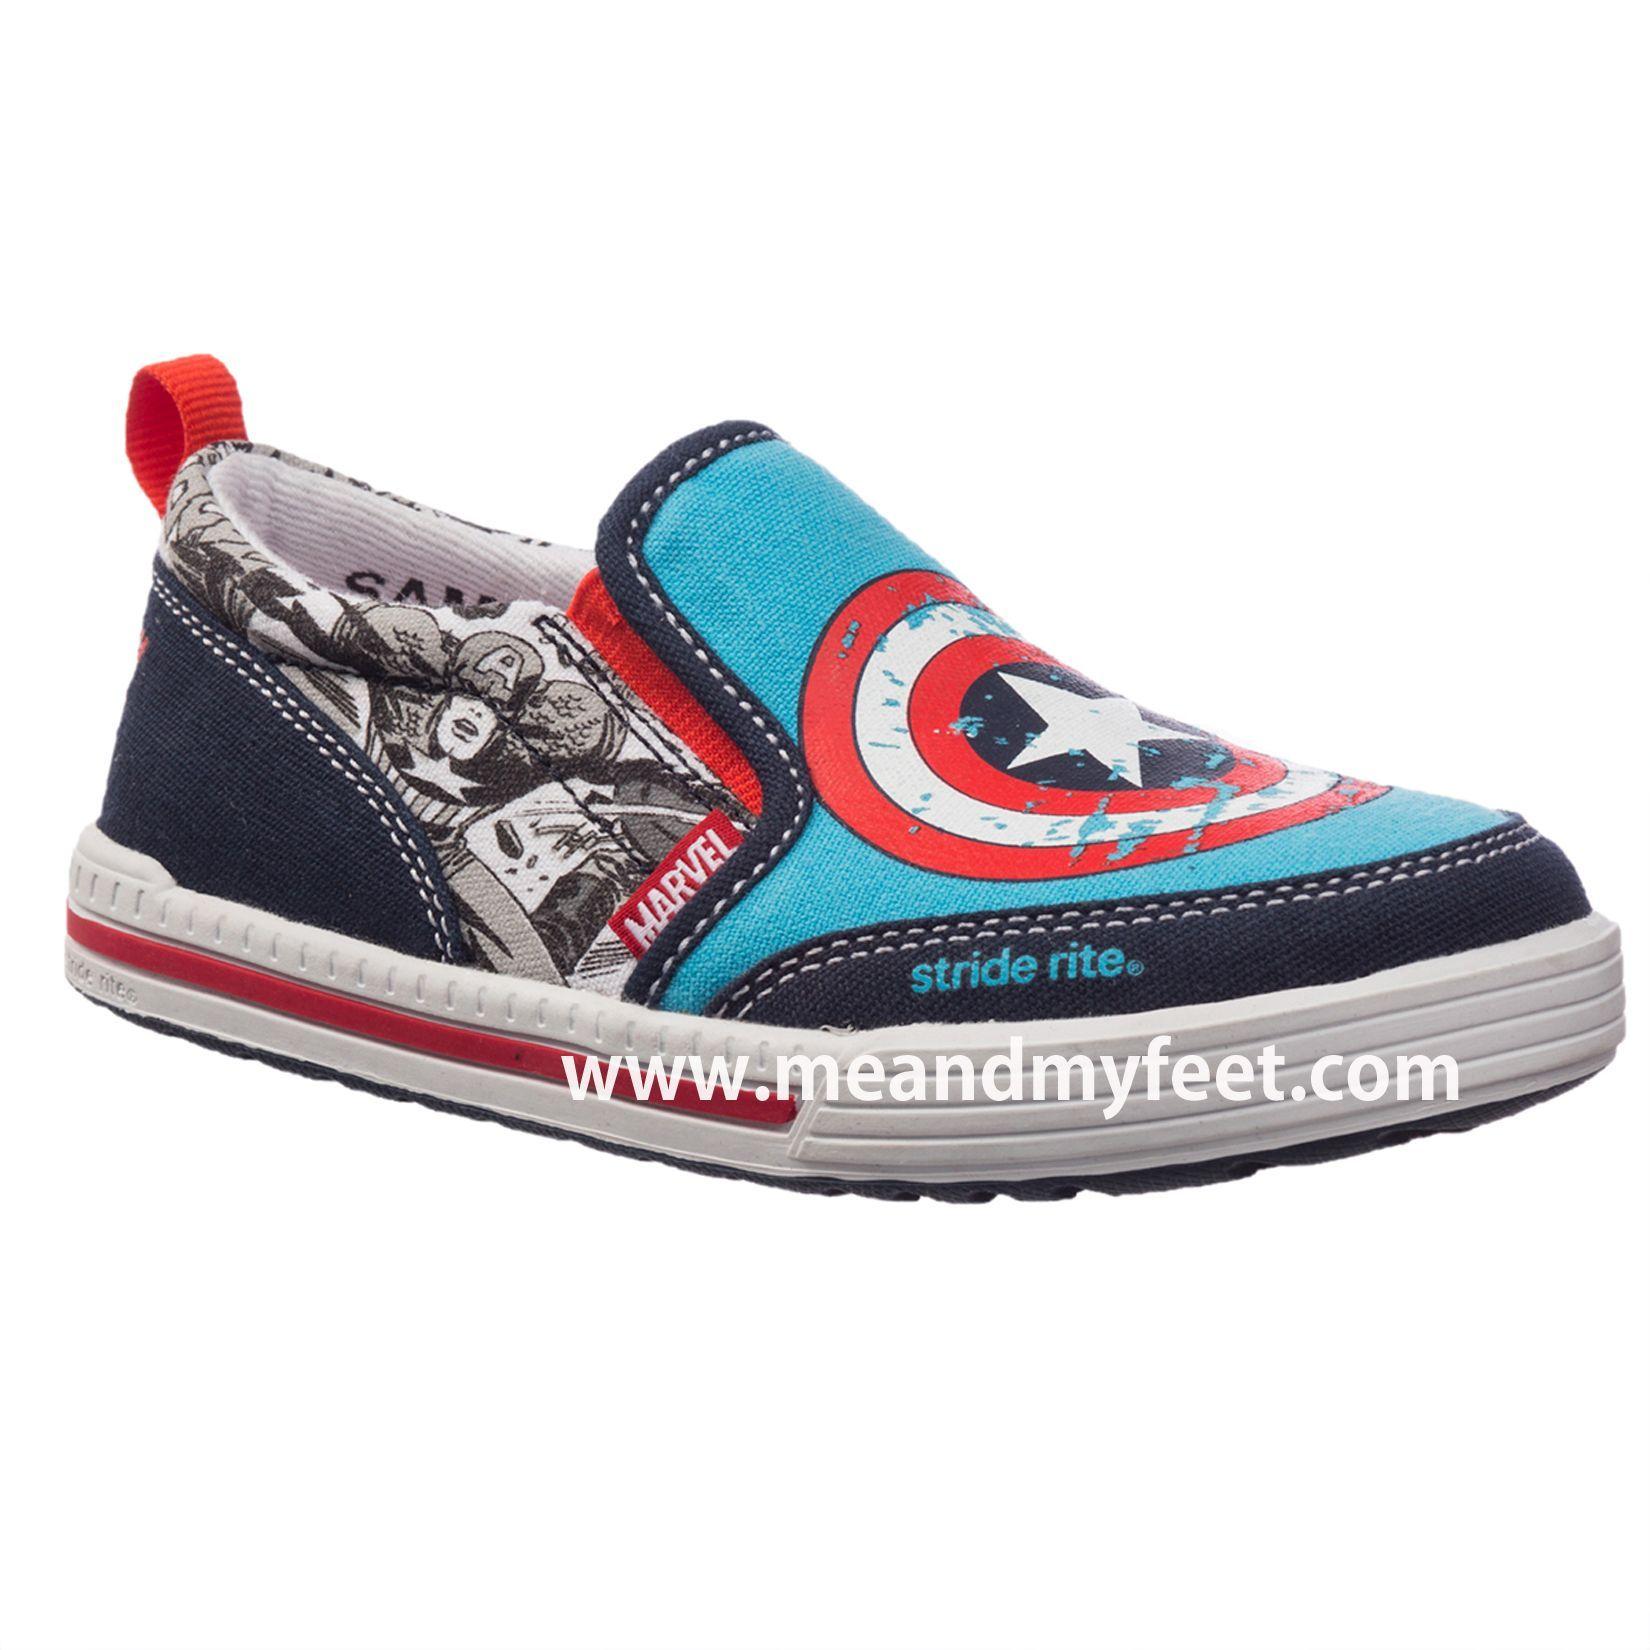 shoes, Kid shoes, Boys shoes